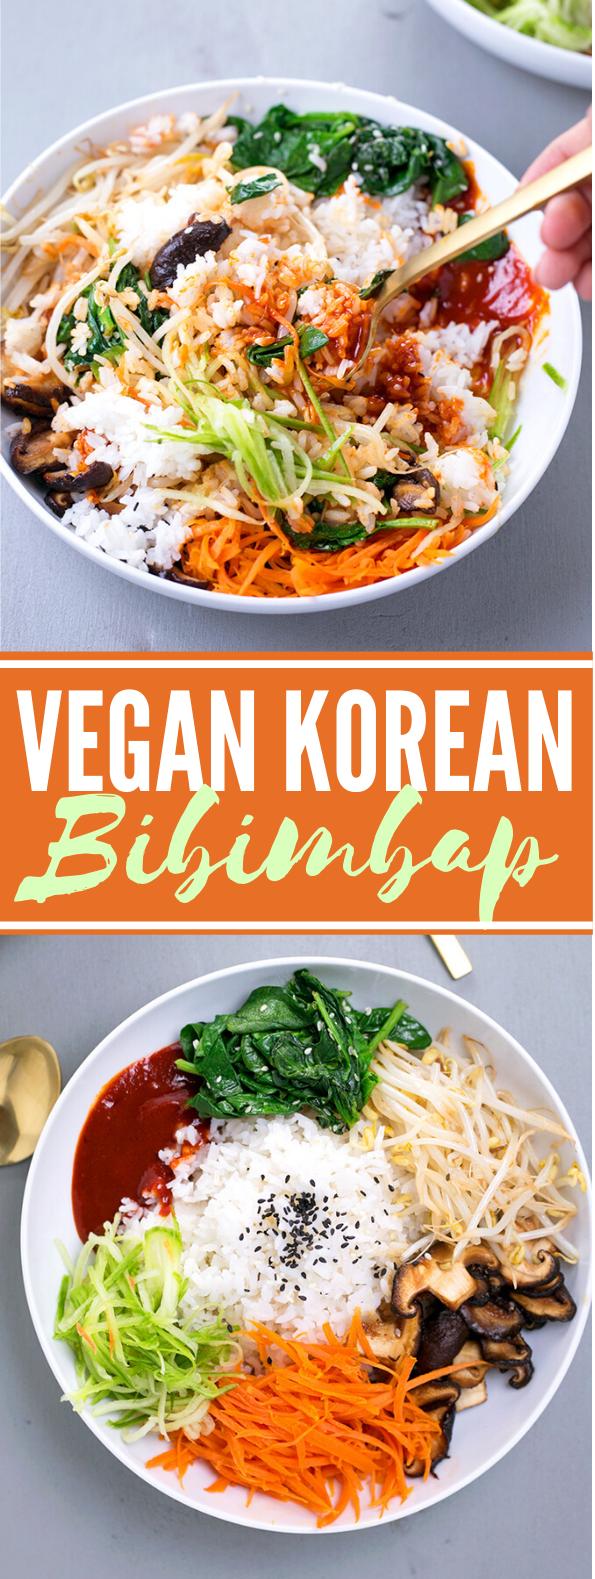 VEGAN KOREAN BIBIMBAP #vegetables #healthy #koreanrecipe #vegan #lunch